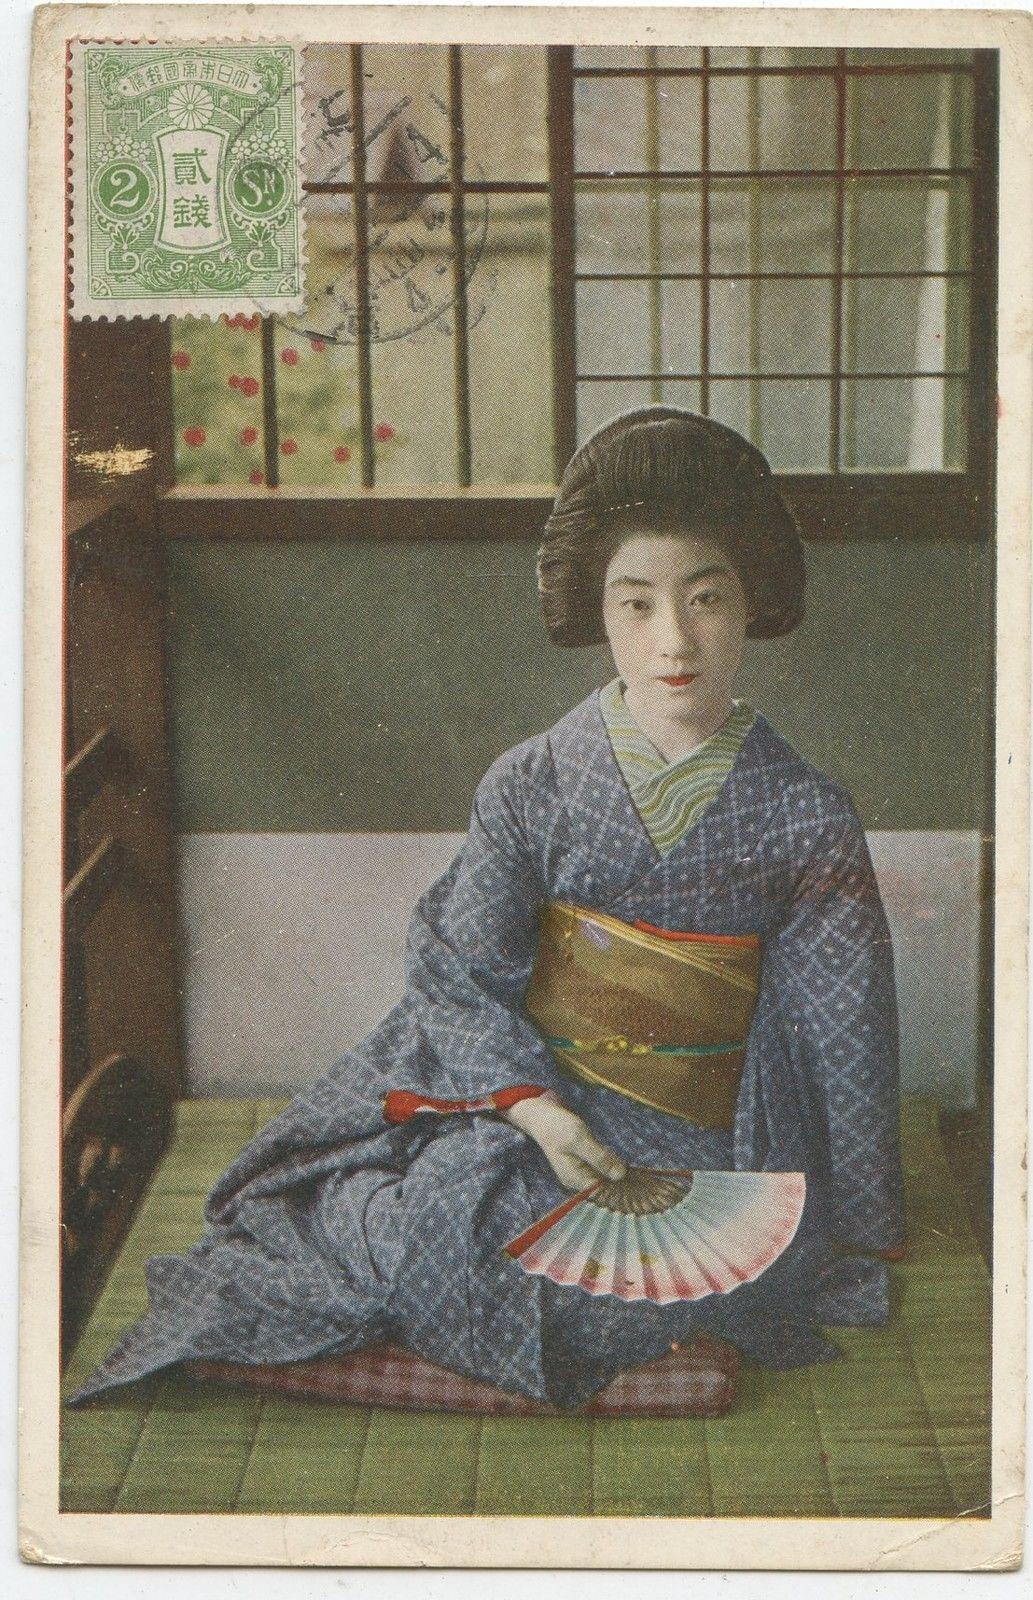 Postcard Carte Postale Japan Japon Geisha | eBay | Taisho era, Geisha, Japan photo